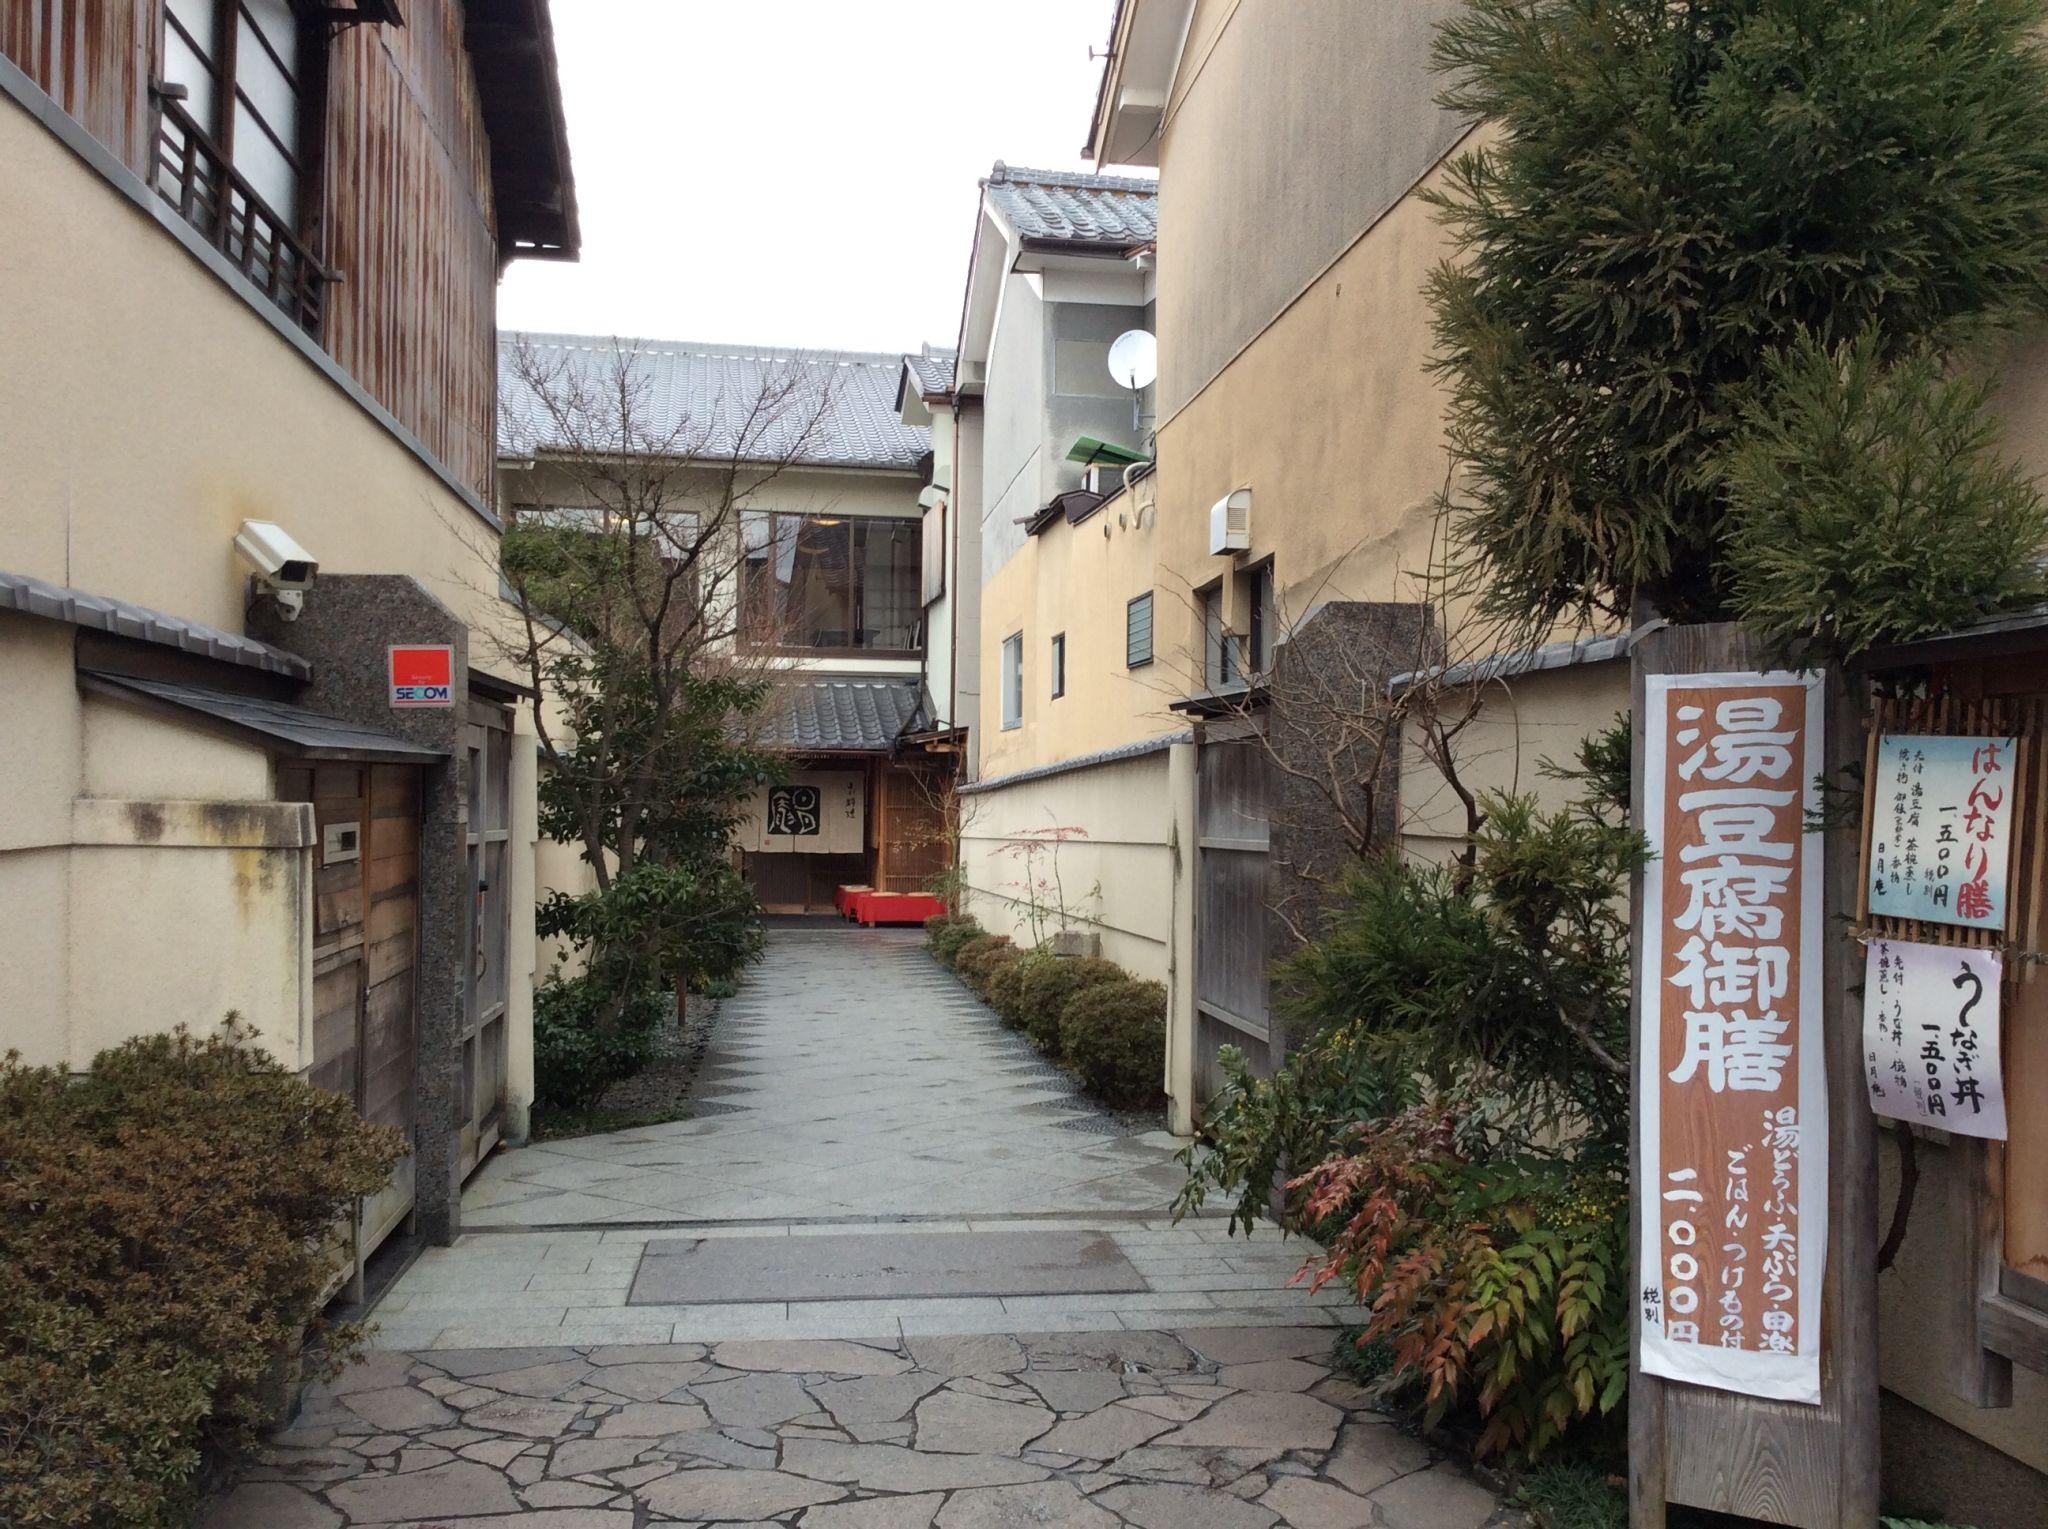 壁纸 风景 古镇 建筑 街道 旅游 摄影 小巷 2048_1529